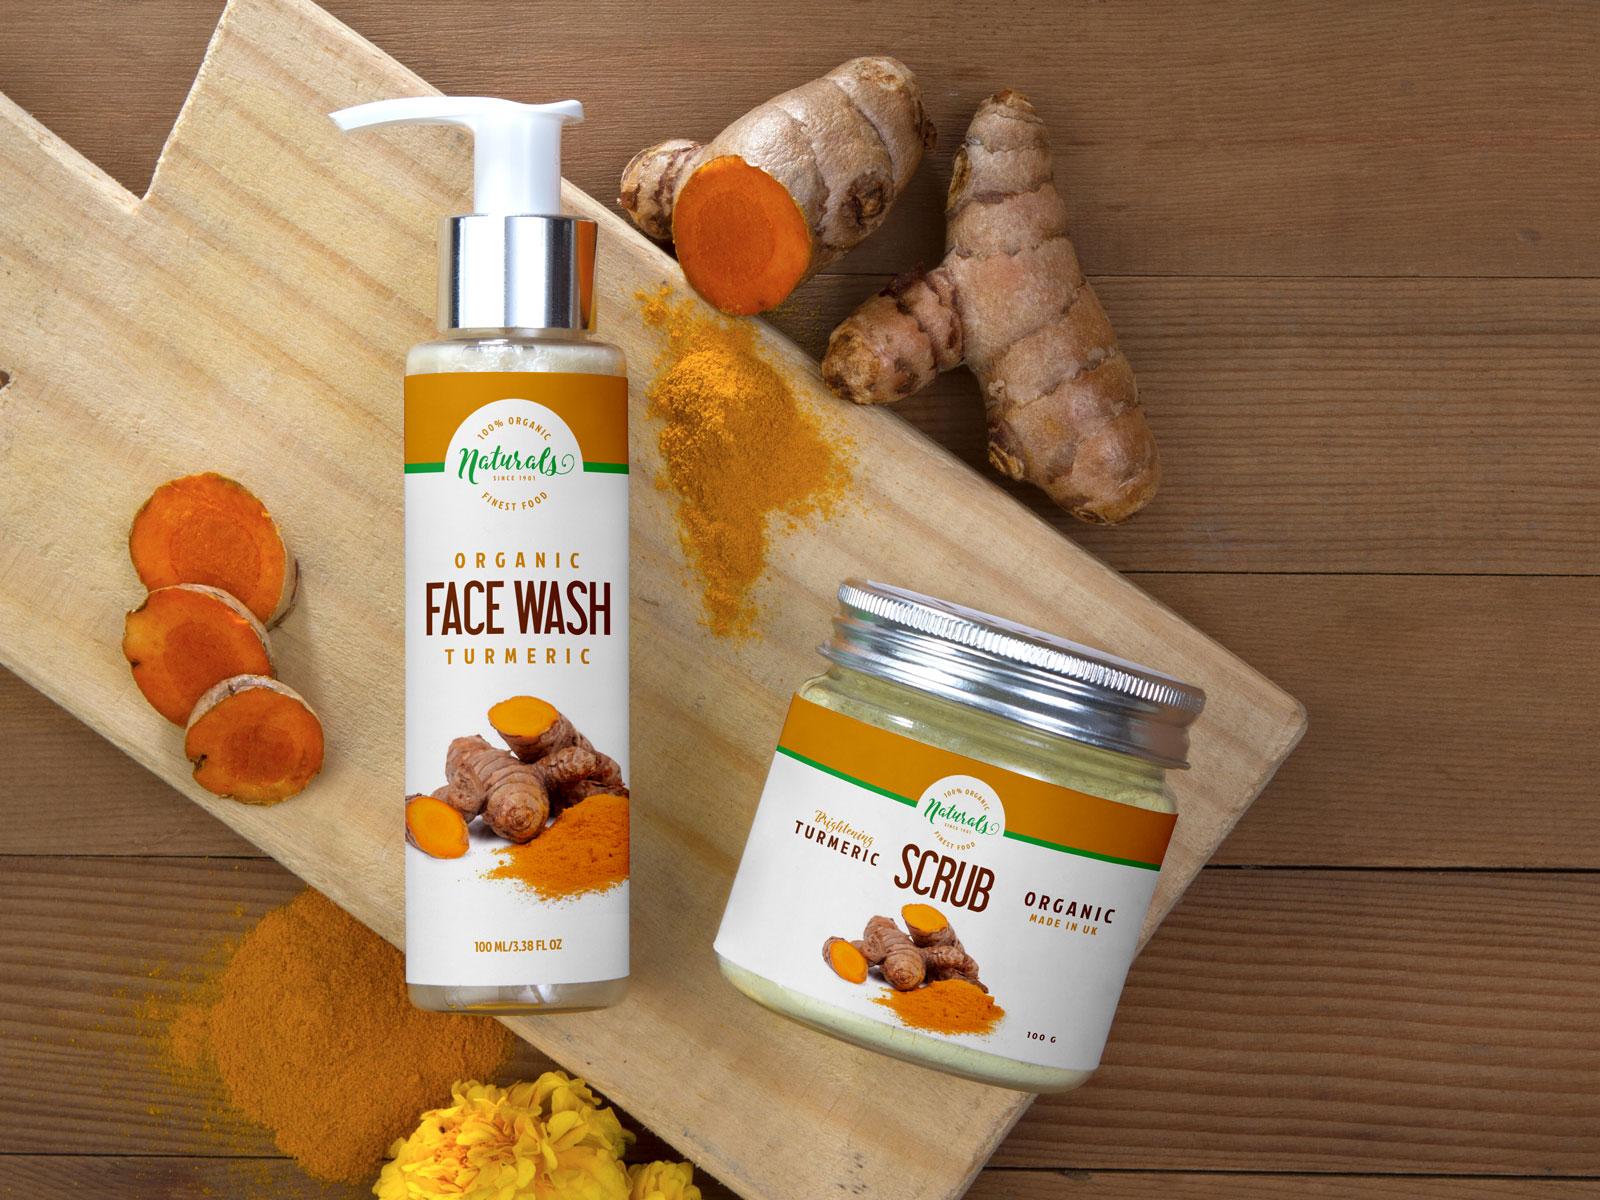 Natural Face Wash Pump Spray & Scrub Jar Free Mock-ups